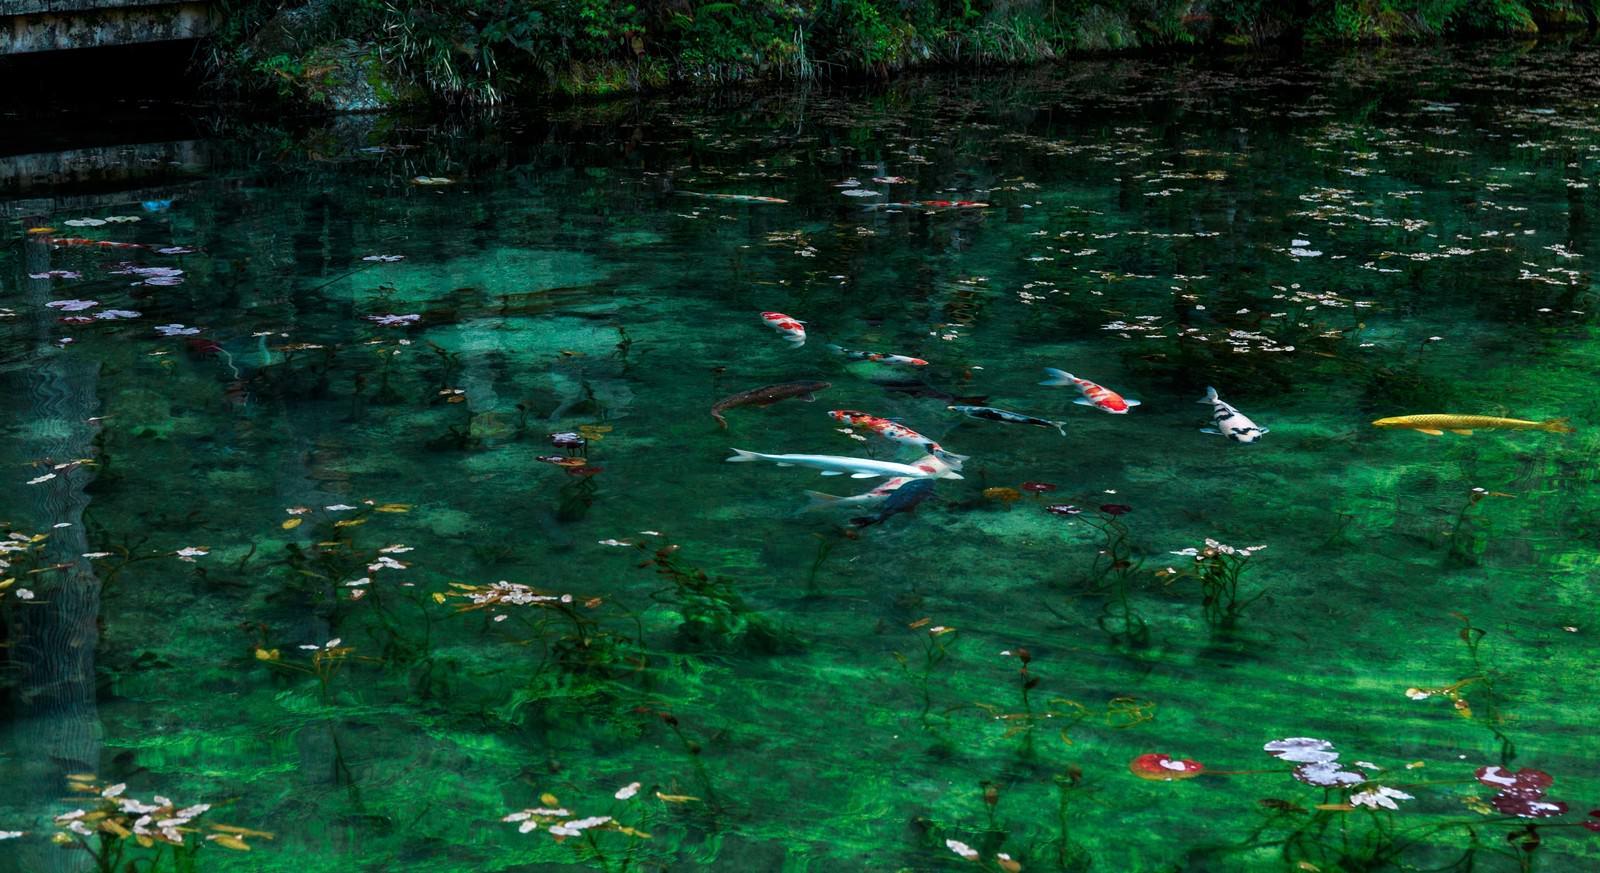 「岐阜県関市のモネの池と鯉岐阜県関市のモネの池と鯉」のフリー写真素材を拡大